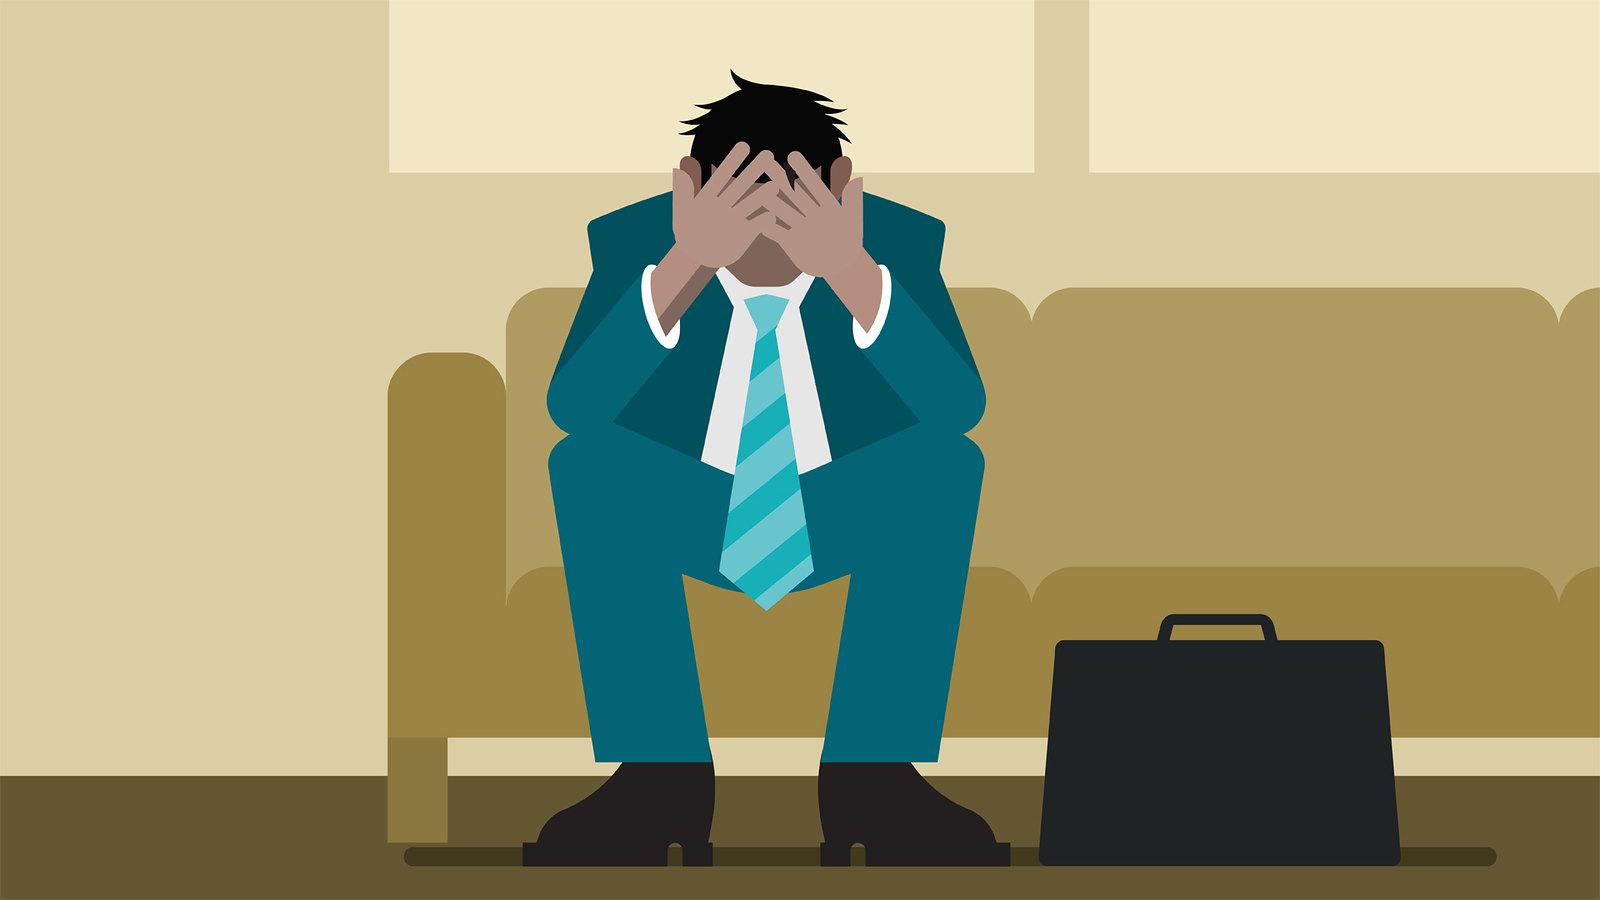 ความโศกเศร้าเคล้าน้ำตาช่วยเยียวยาจิตใจได้อย่างไร